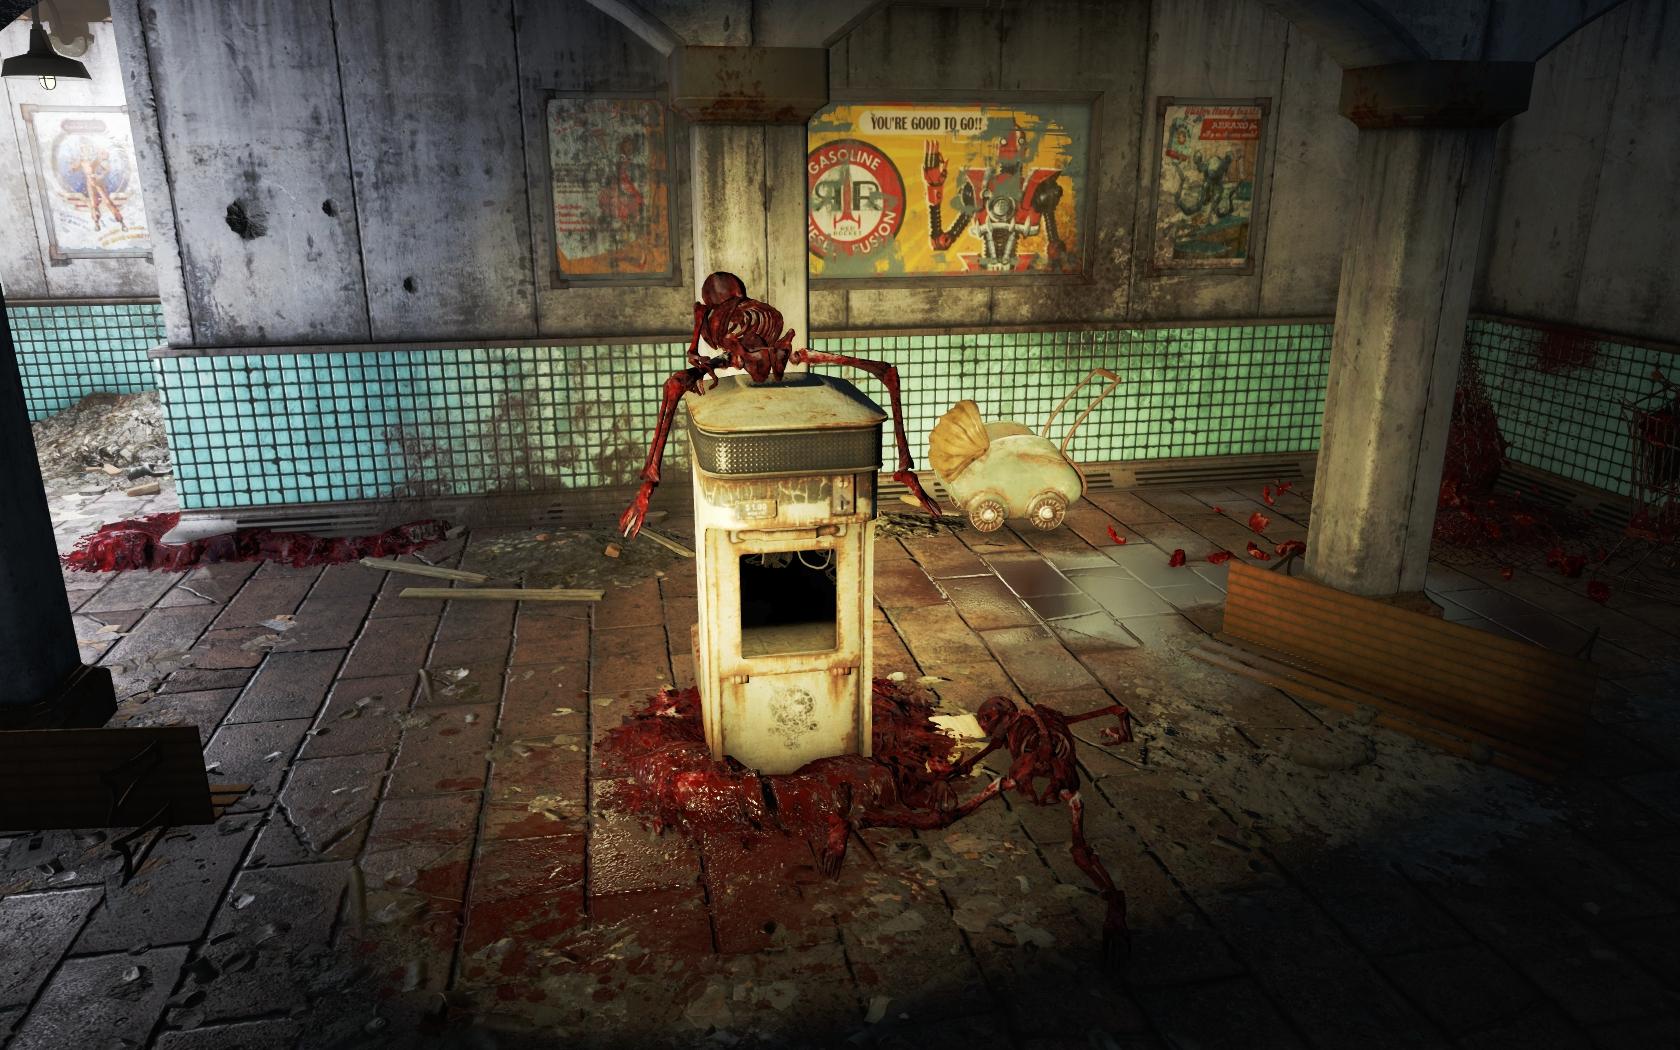 Скелет на киоске (Станция Копли) - Fallout 4 скелет, Юмор